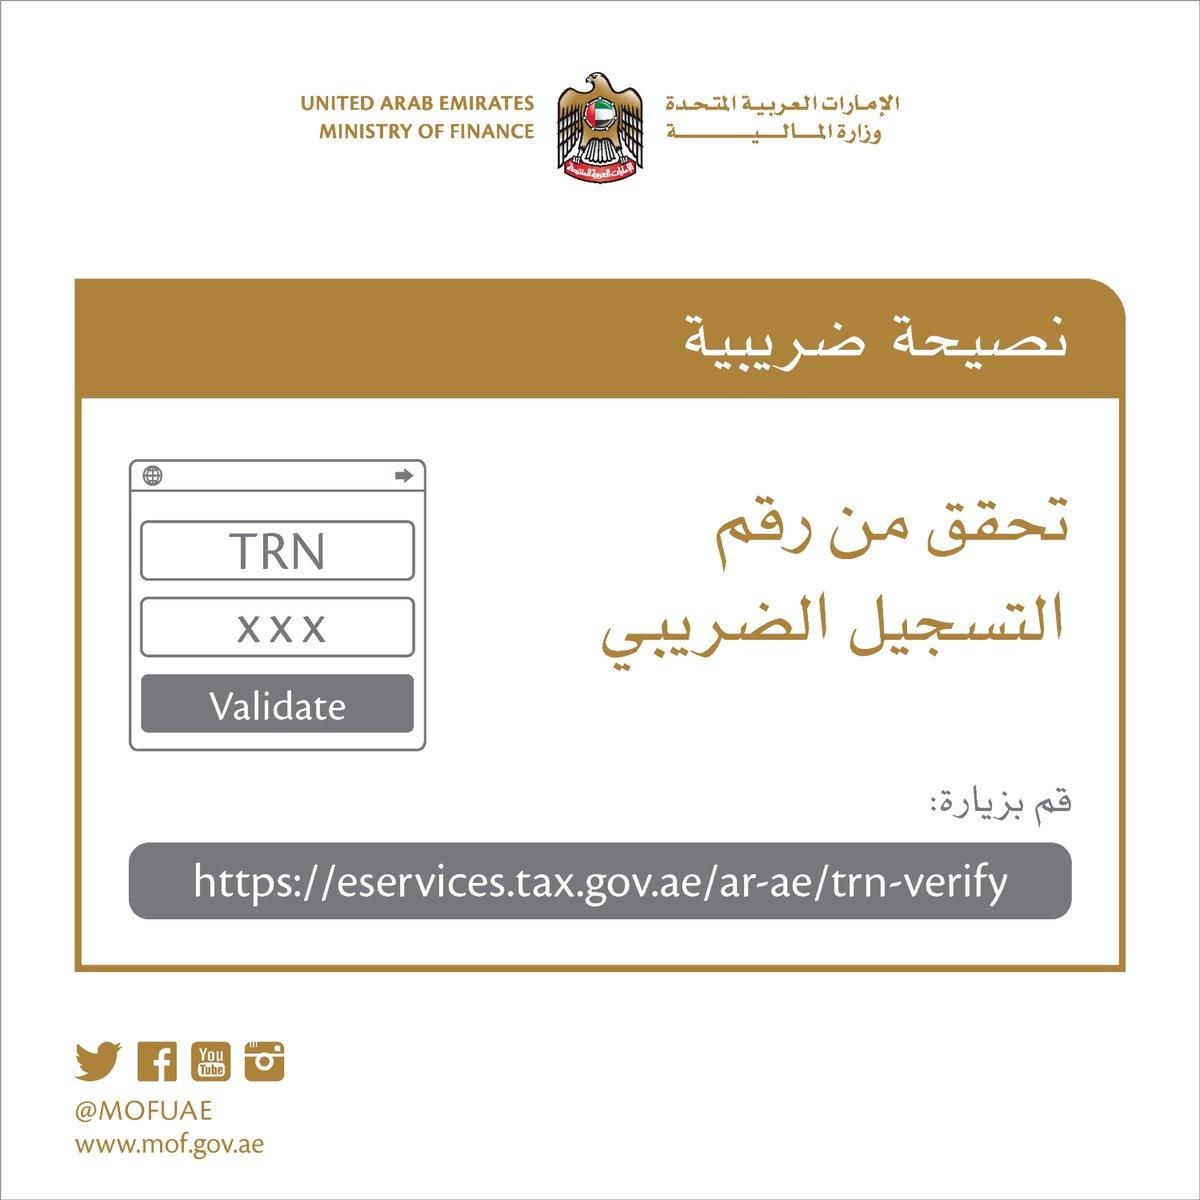 كيفية التسجيل لاغراض ضريبة القيمة المضافة